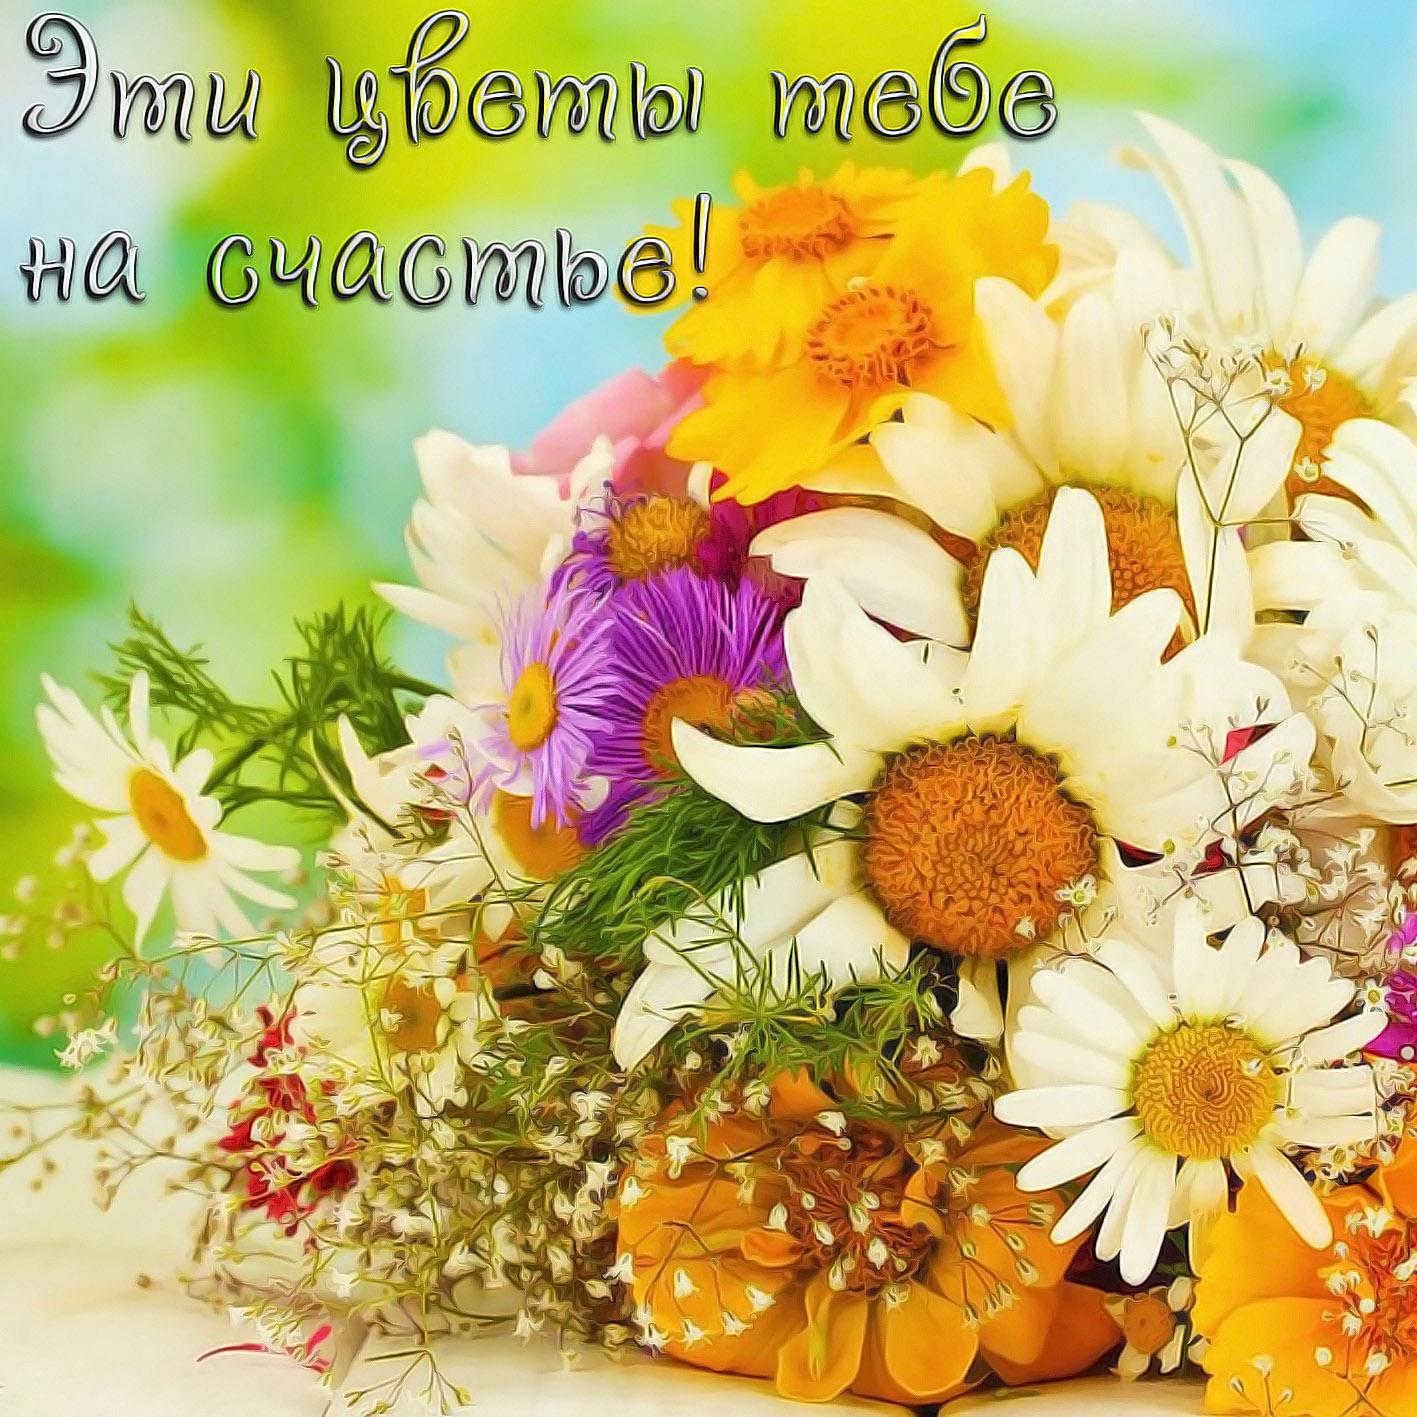 Желаю вам счастья картинки с полевыми цветами красивые